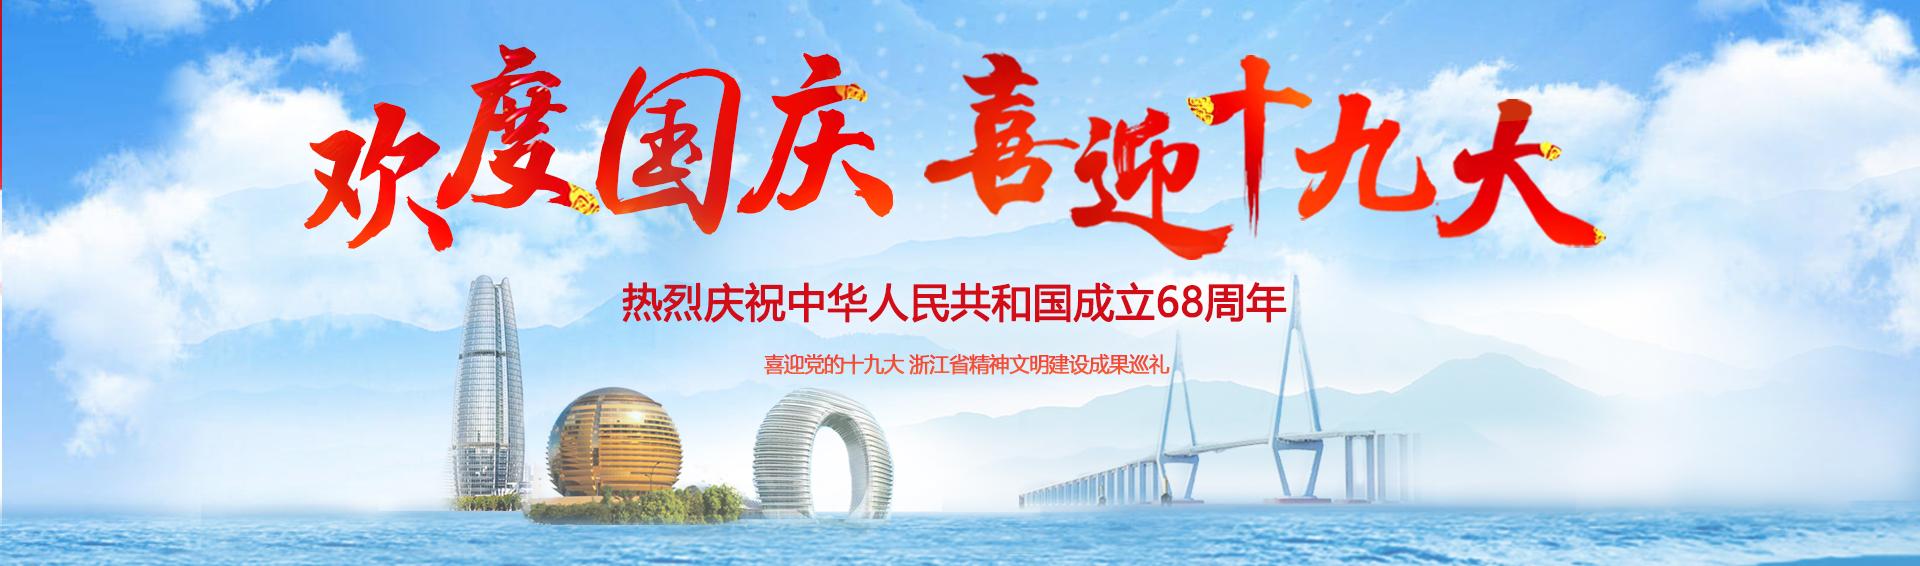 新国庆banner首页.jpg